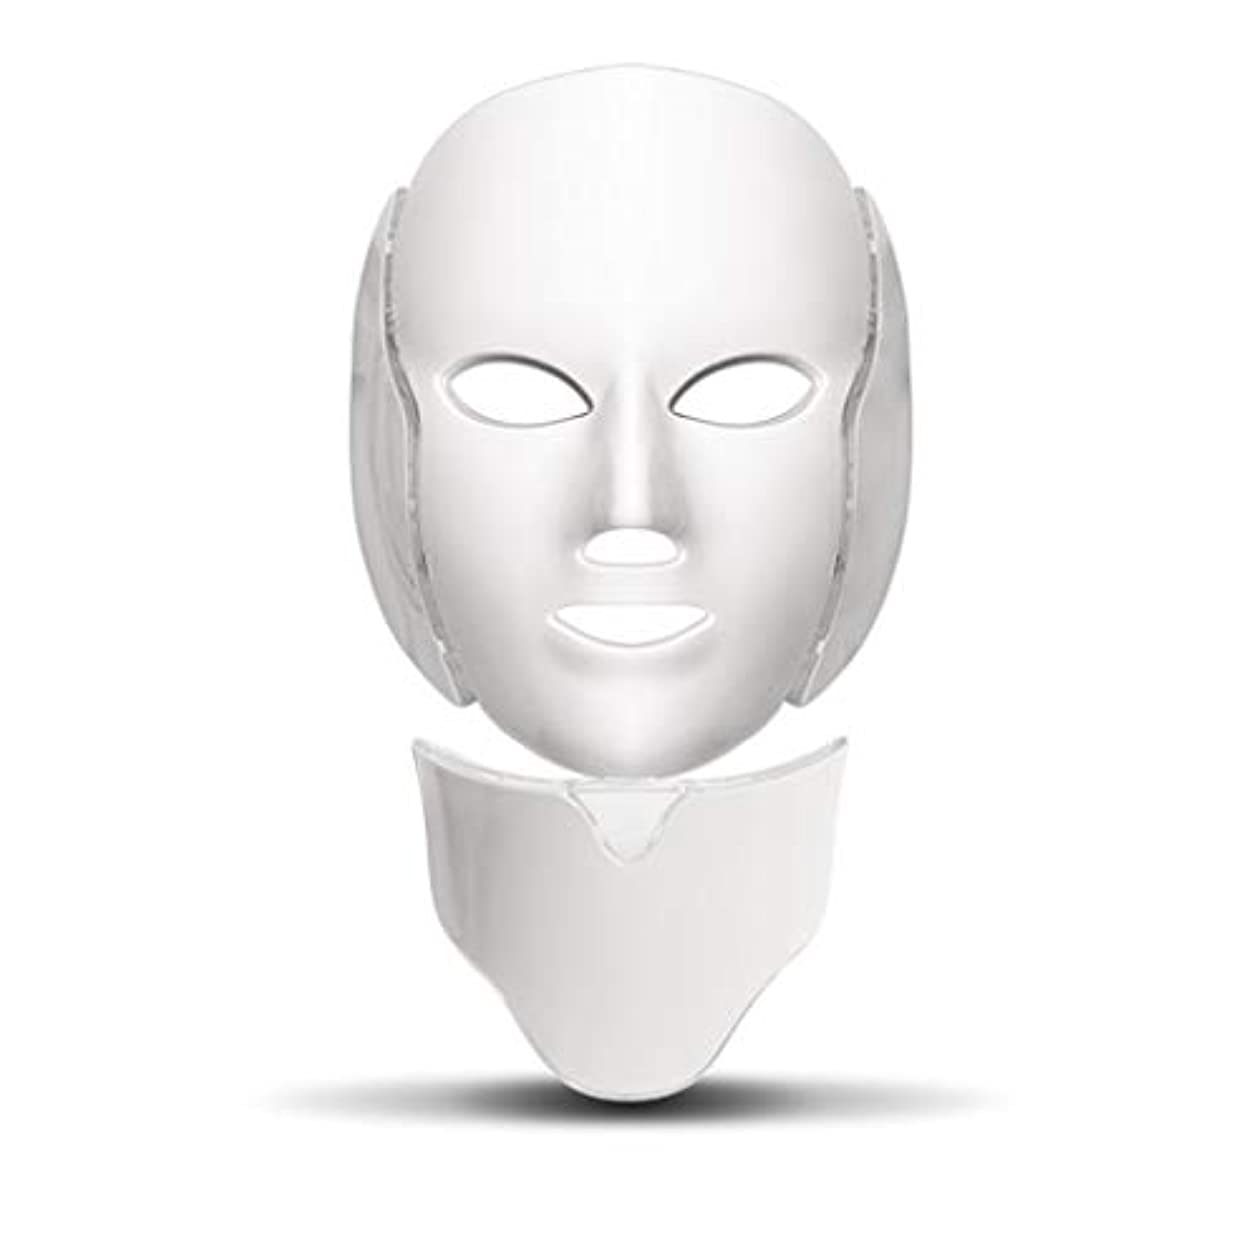 エレメンタル収束寺院ライトセラピー?マスク、LEDライトセラピーは、ネックスキンケアフェイシャルマスクセラピー7色のアンチエイジング光治療にきびマスクフェーススキンビューティトーニング、しわ、アクネホワイトニングマスク (Color : White)